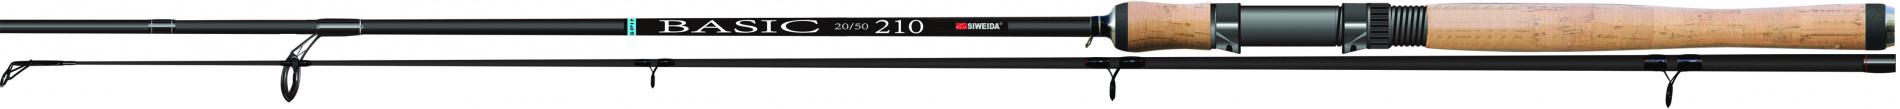 Спиннинг шт. SWD BASIC 2,4м карбон IM6 (3-17г)Спинниги<br>Бюджетный штекерный спиннинг длиной 2,4м <br>и тестом 3-17г, выполненный из карбона IM6. <br>Комплектуется качественными пропускными <br>кольцами SIС, современным катушкодержателем. <br>Рукоять спиннинга изготовлена из пробки. <br>Несмотря на не высокую цену, спиннинг обладает <br>быстрым строем, имеет небольшой вес и высокую <br>прочность. Рекомендуется использовать <br>при ловле хищника, как с берега, так и с лодки.<br>